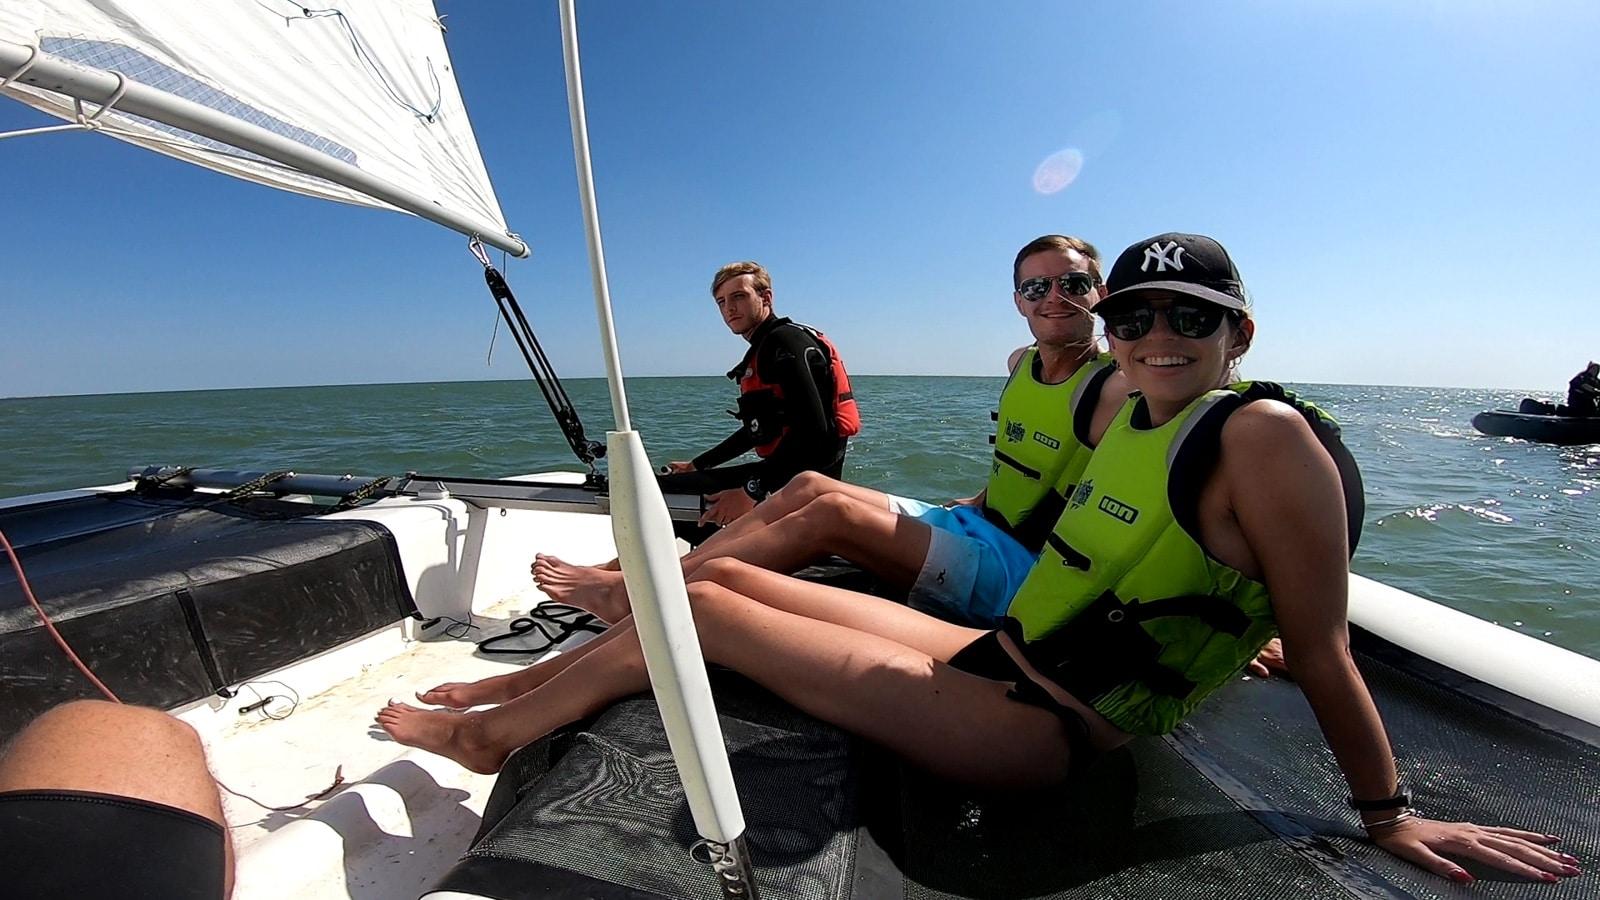 activites nautiques en vendee catamaran